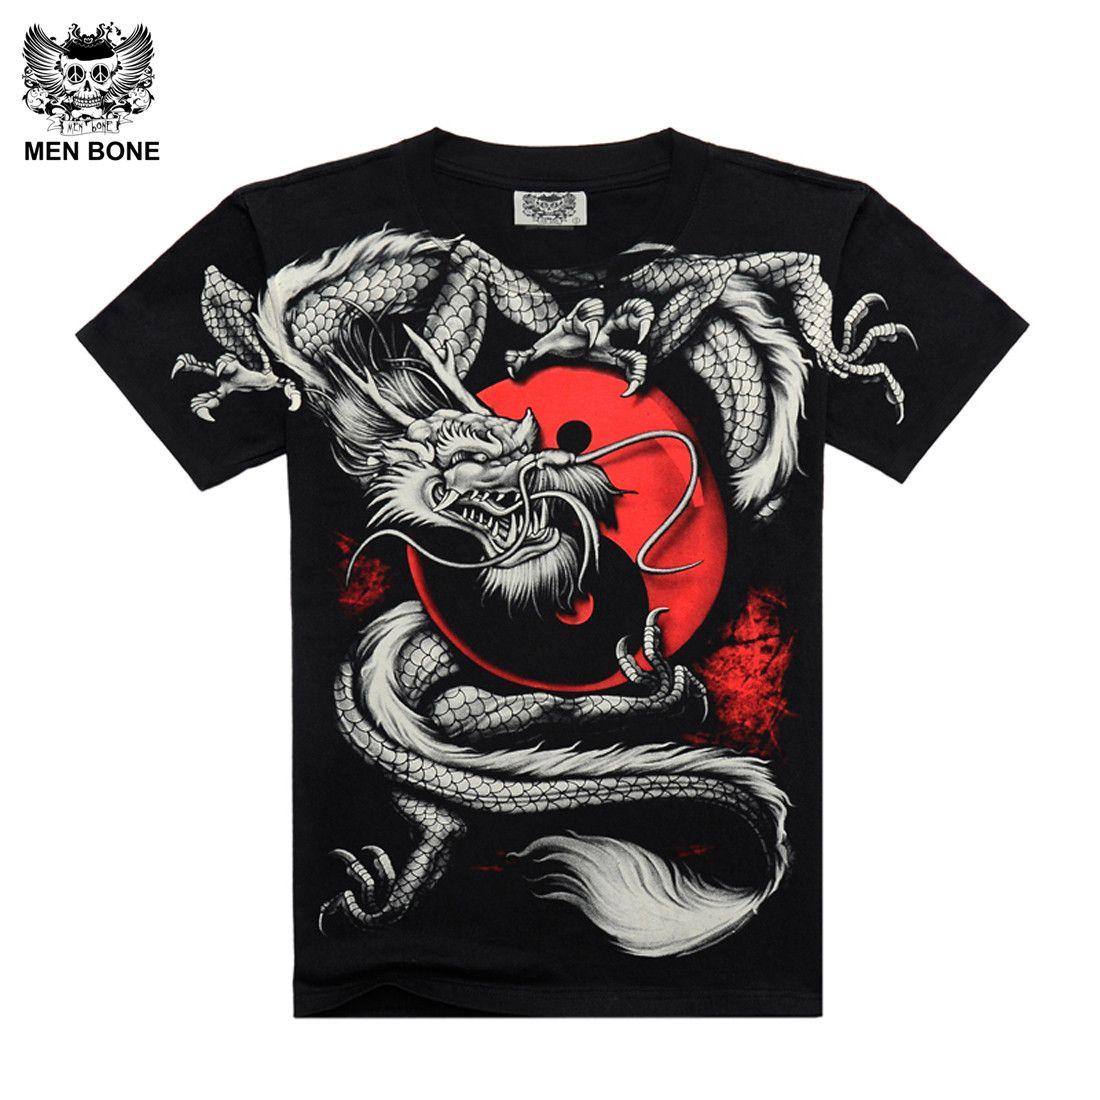 [Hommes os] chine Tai Chi t-shirt Dragon Rock coton hommes t-shirt noir à manches courtes noir imprimé lourd métal Style manches